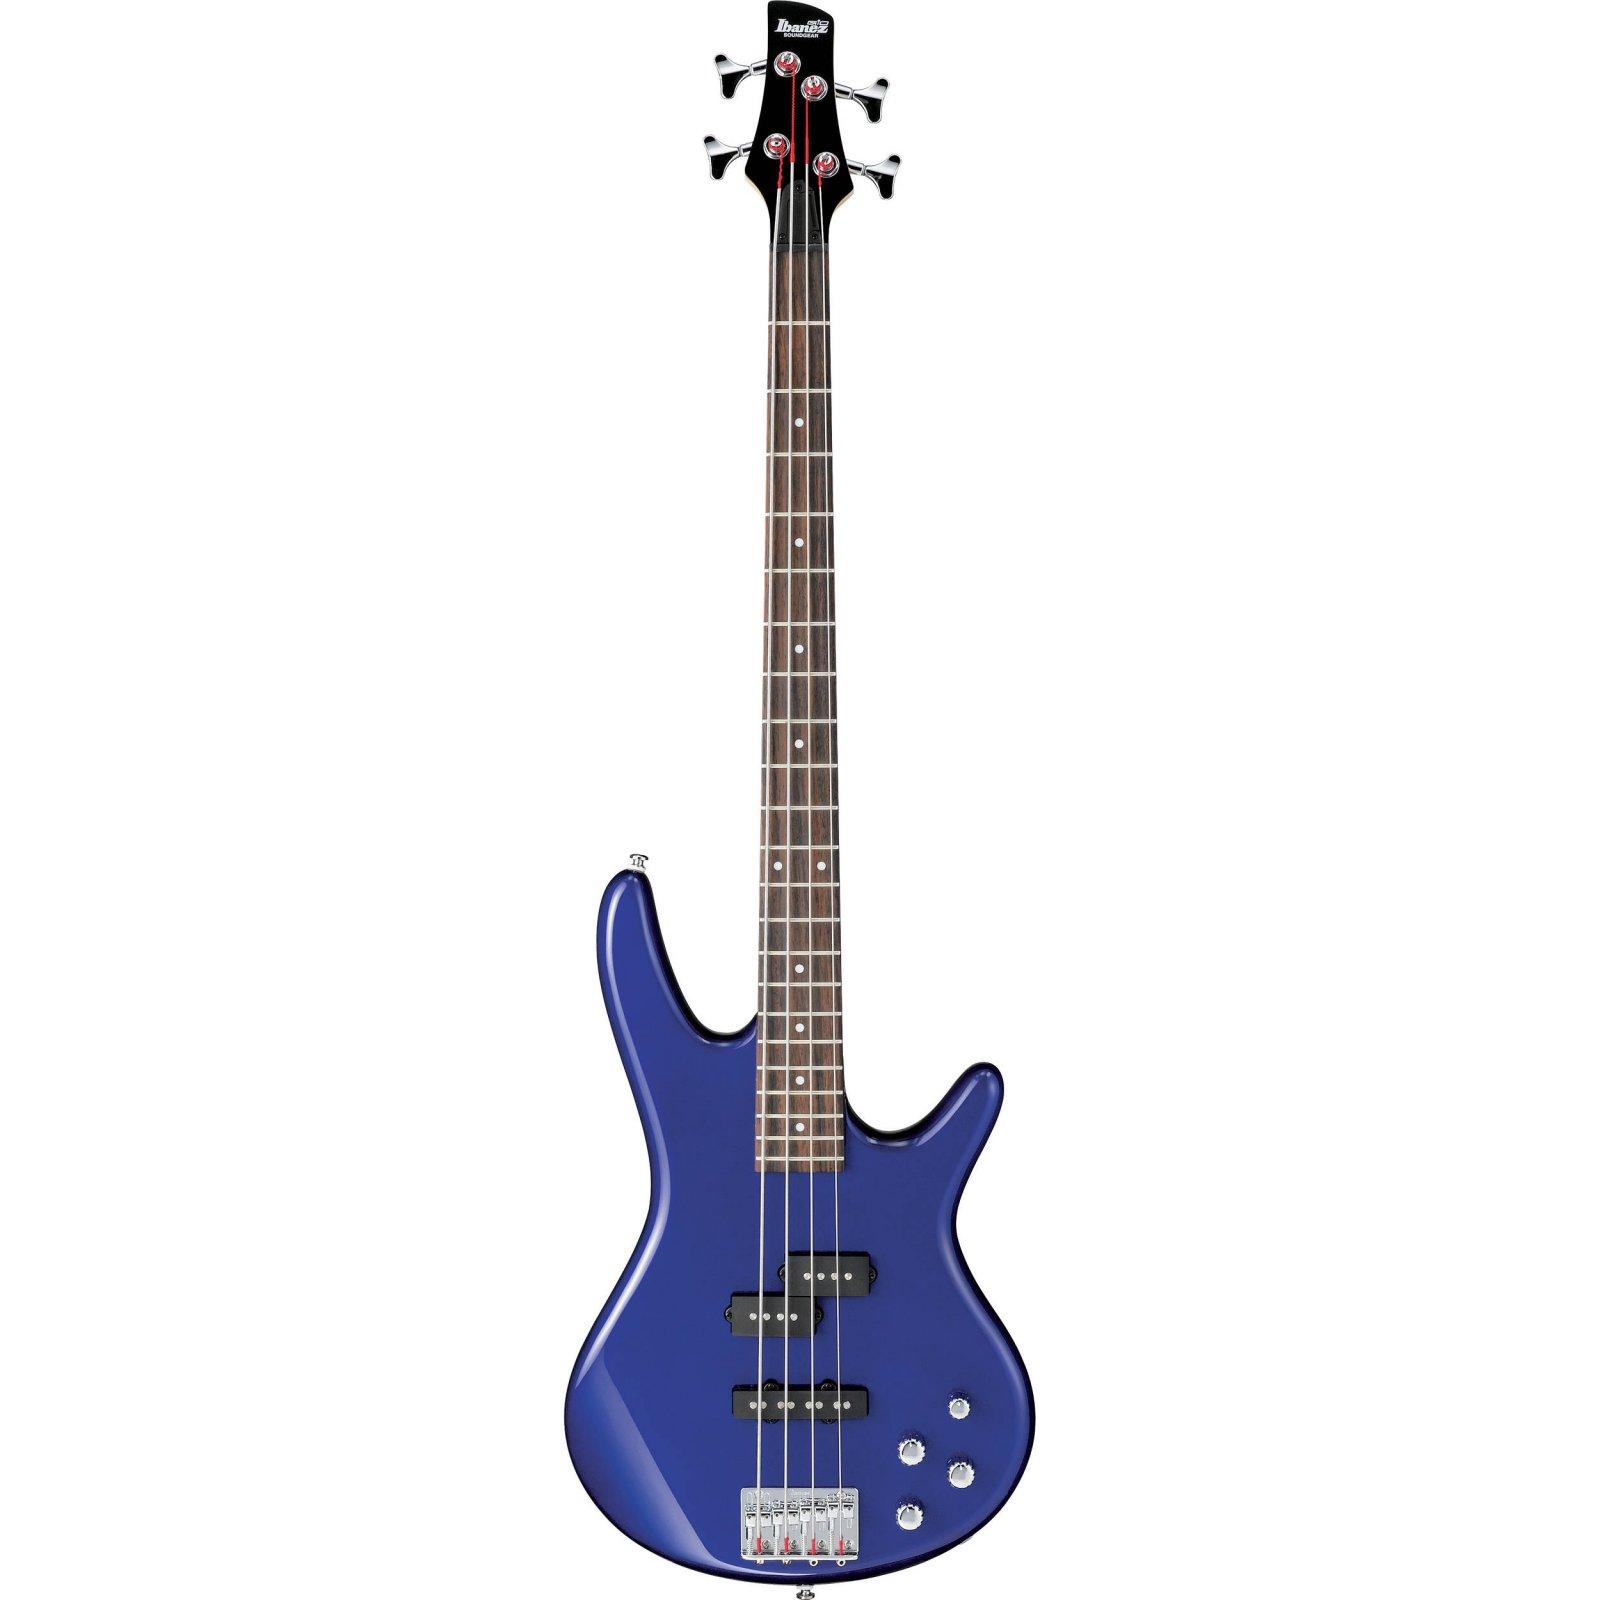 Ibanez Gio SR 4str Electric Bass - Jewel Blue